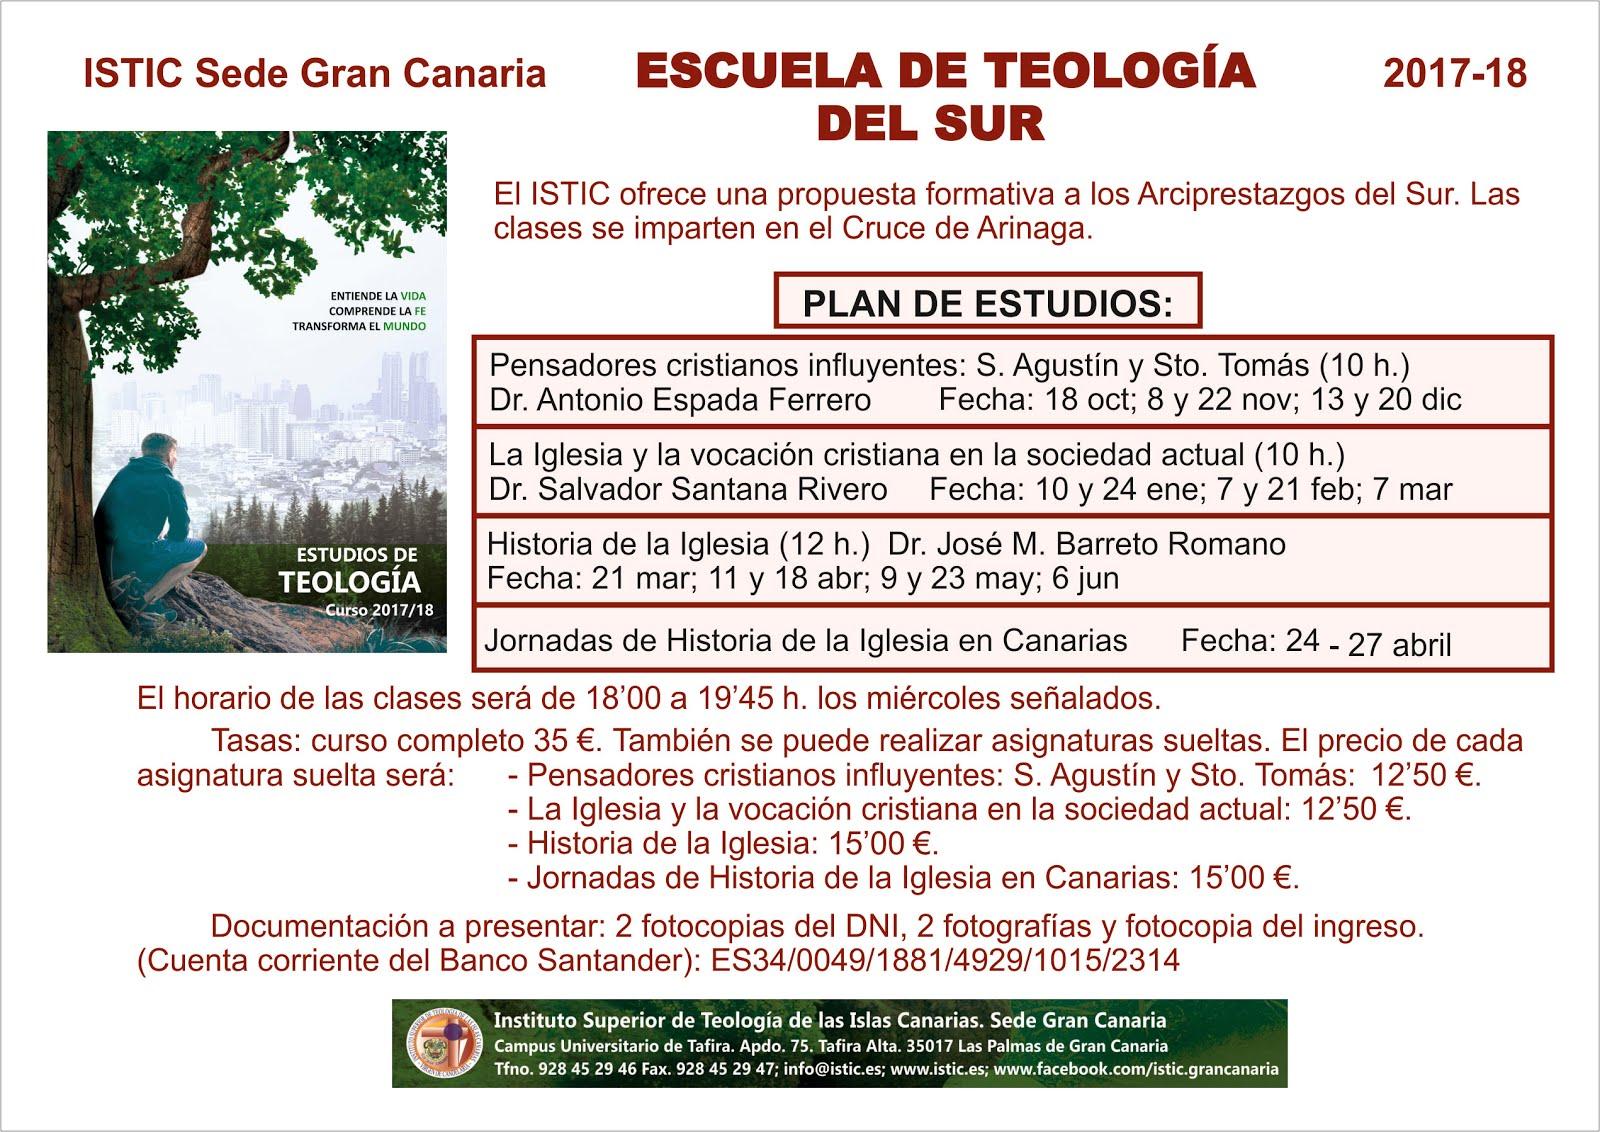 ESCUELA DE TEOLOGÍA DEL SUR.